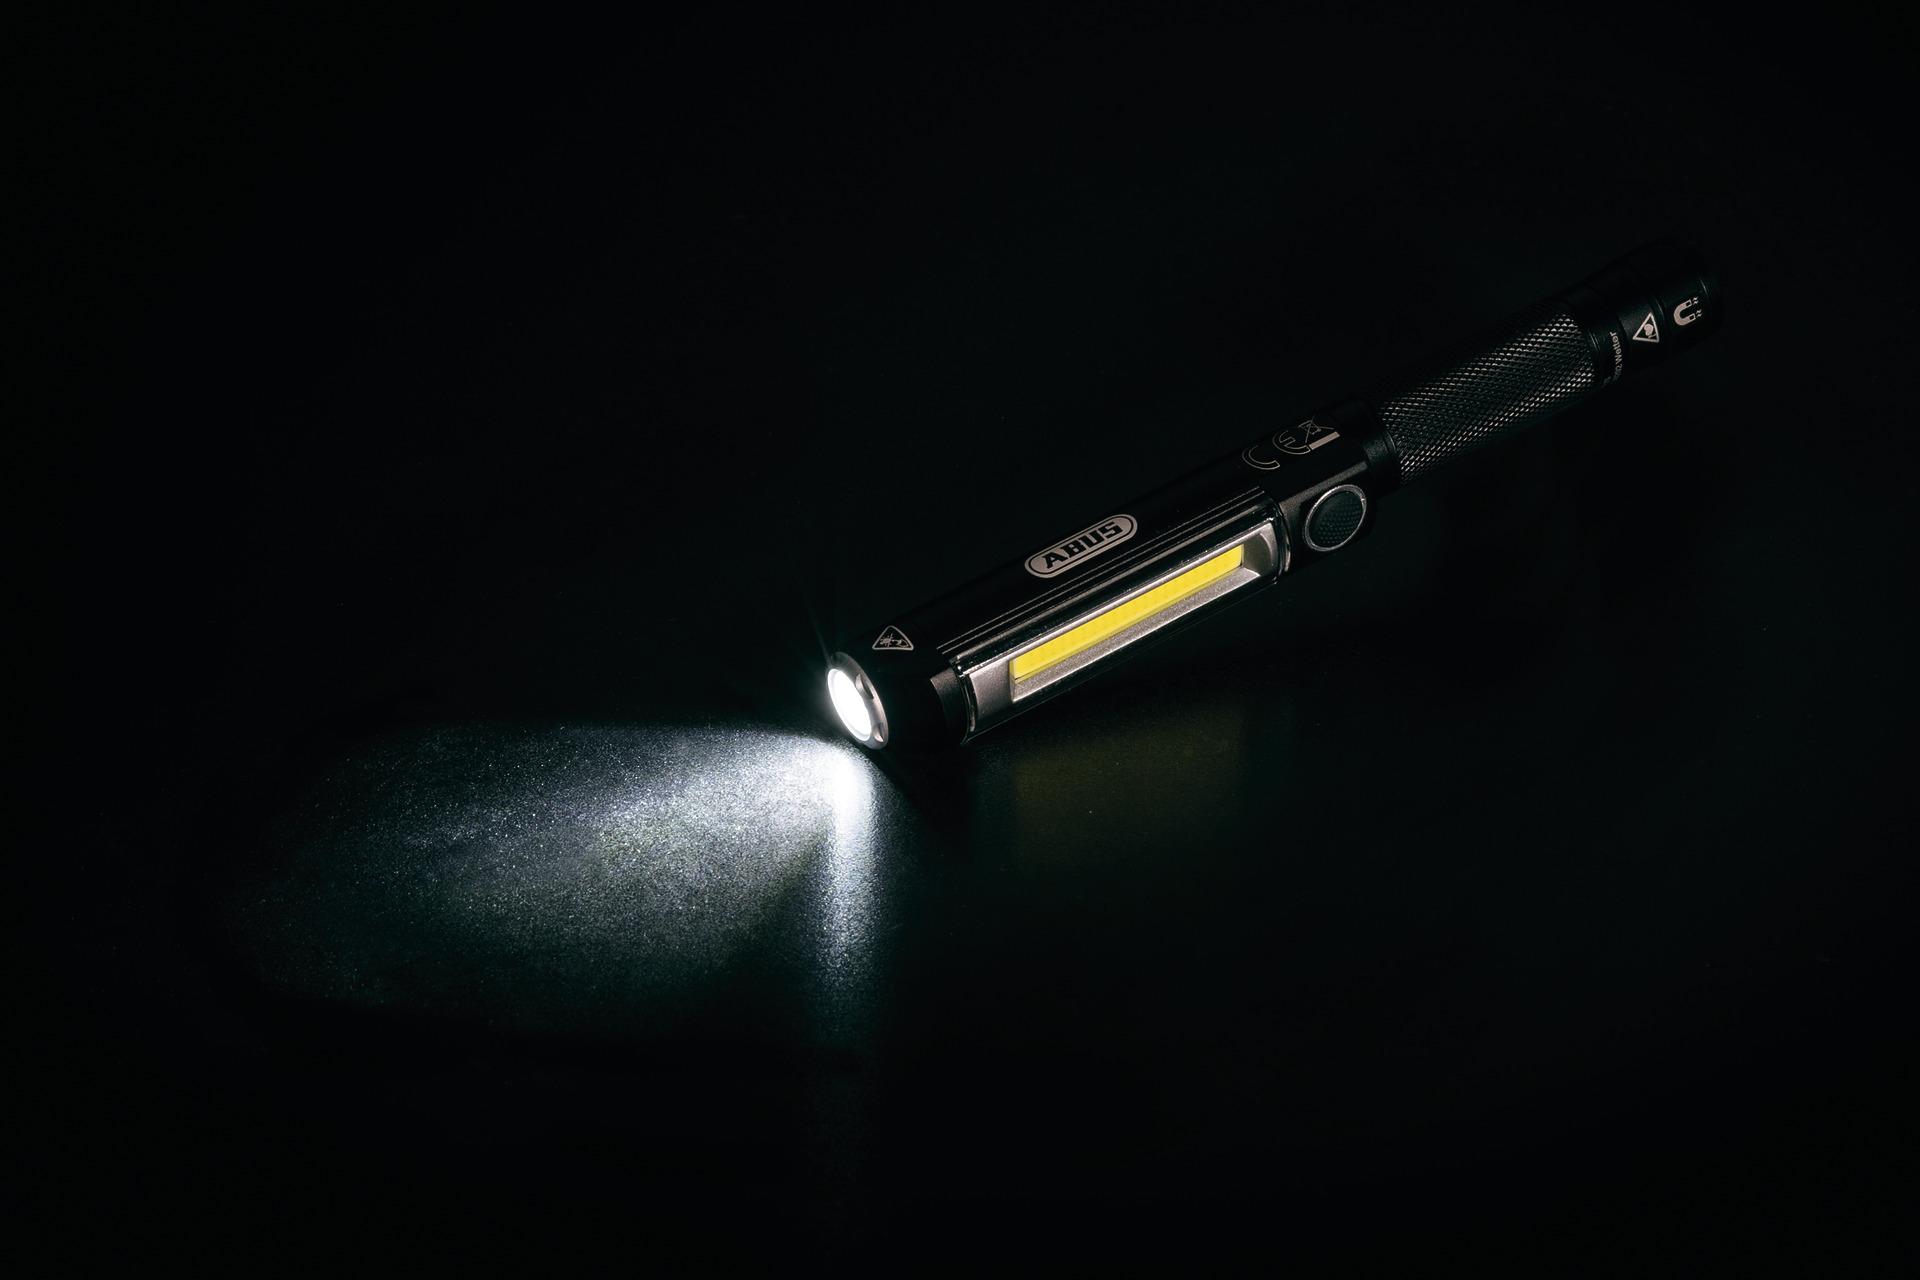 Anwendungsbeispiel - Stiftlampe TL-500